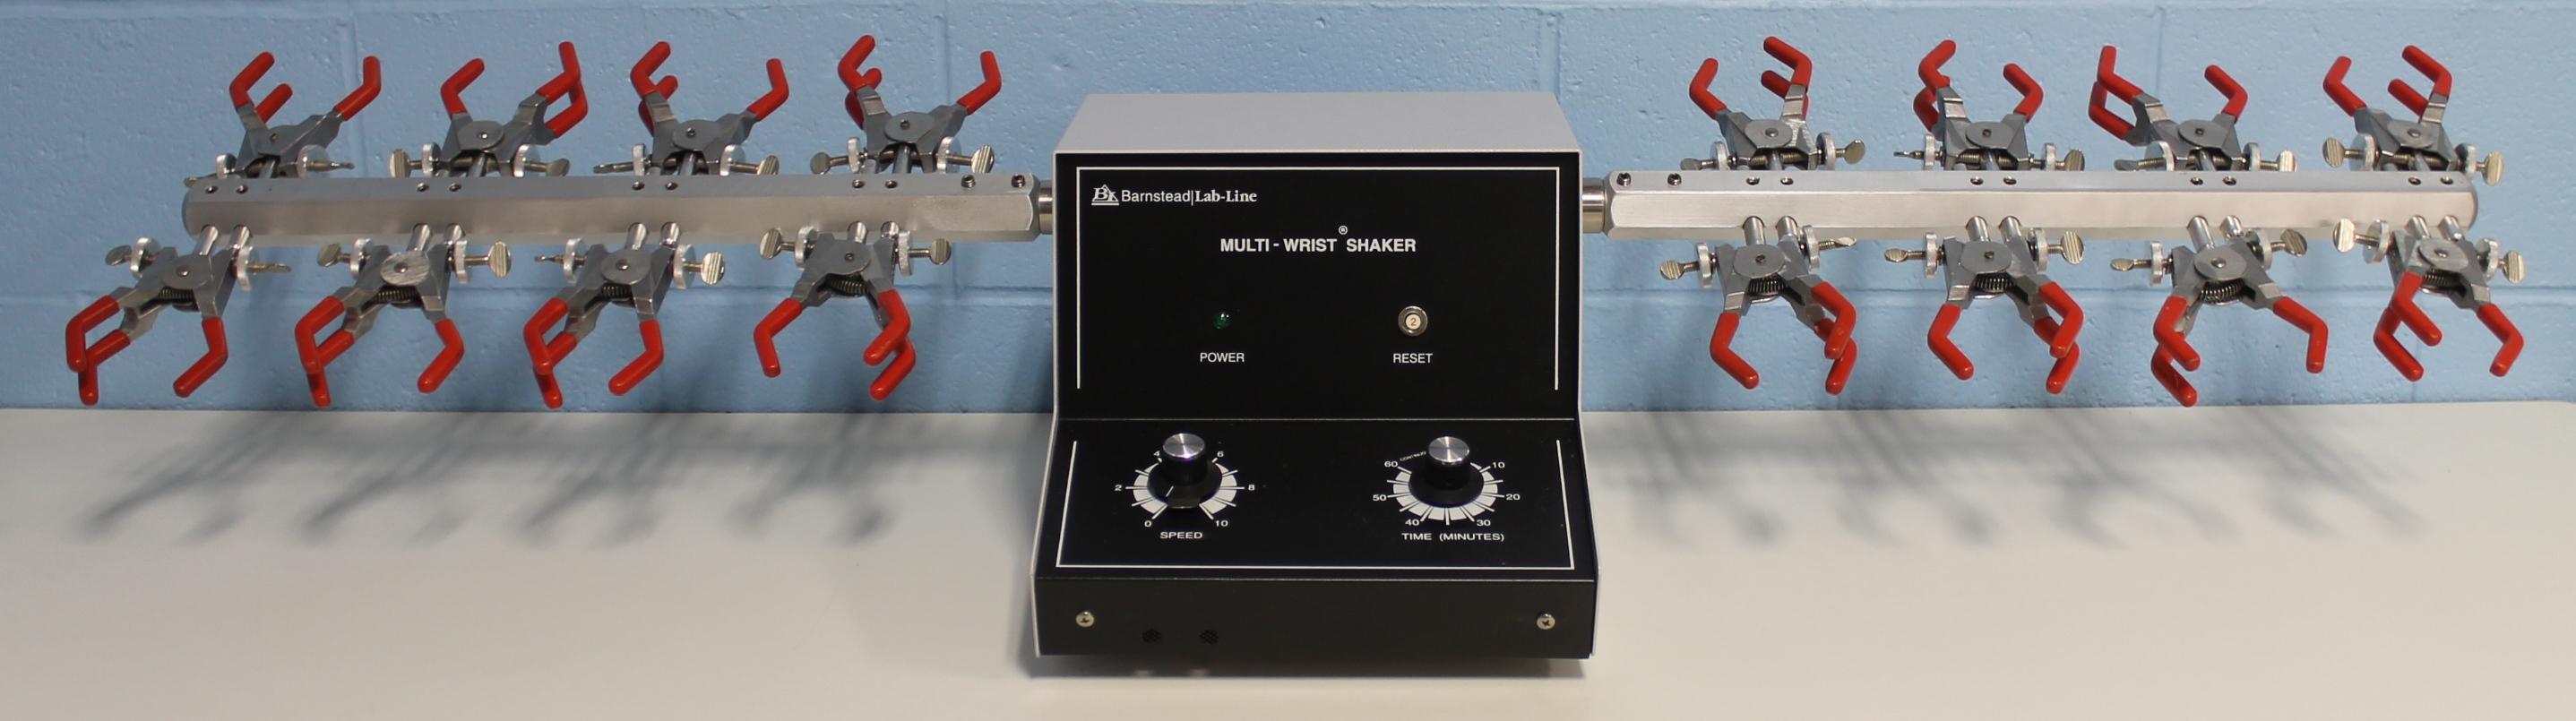 Barnstead/Lab-Line Multi-wrist Shaker Model 3589 Image